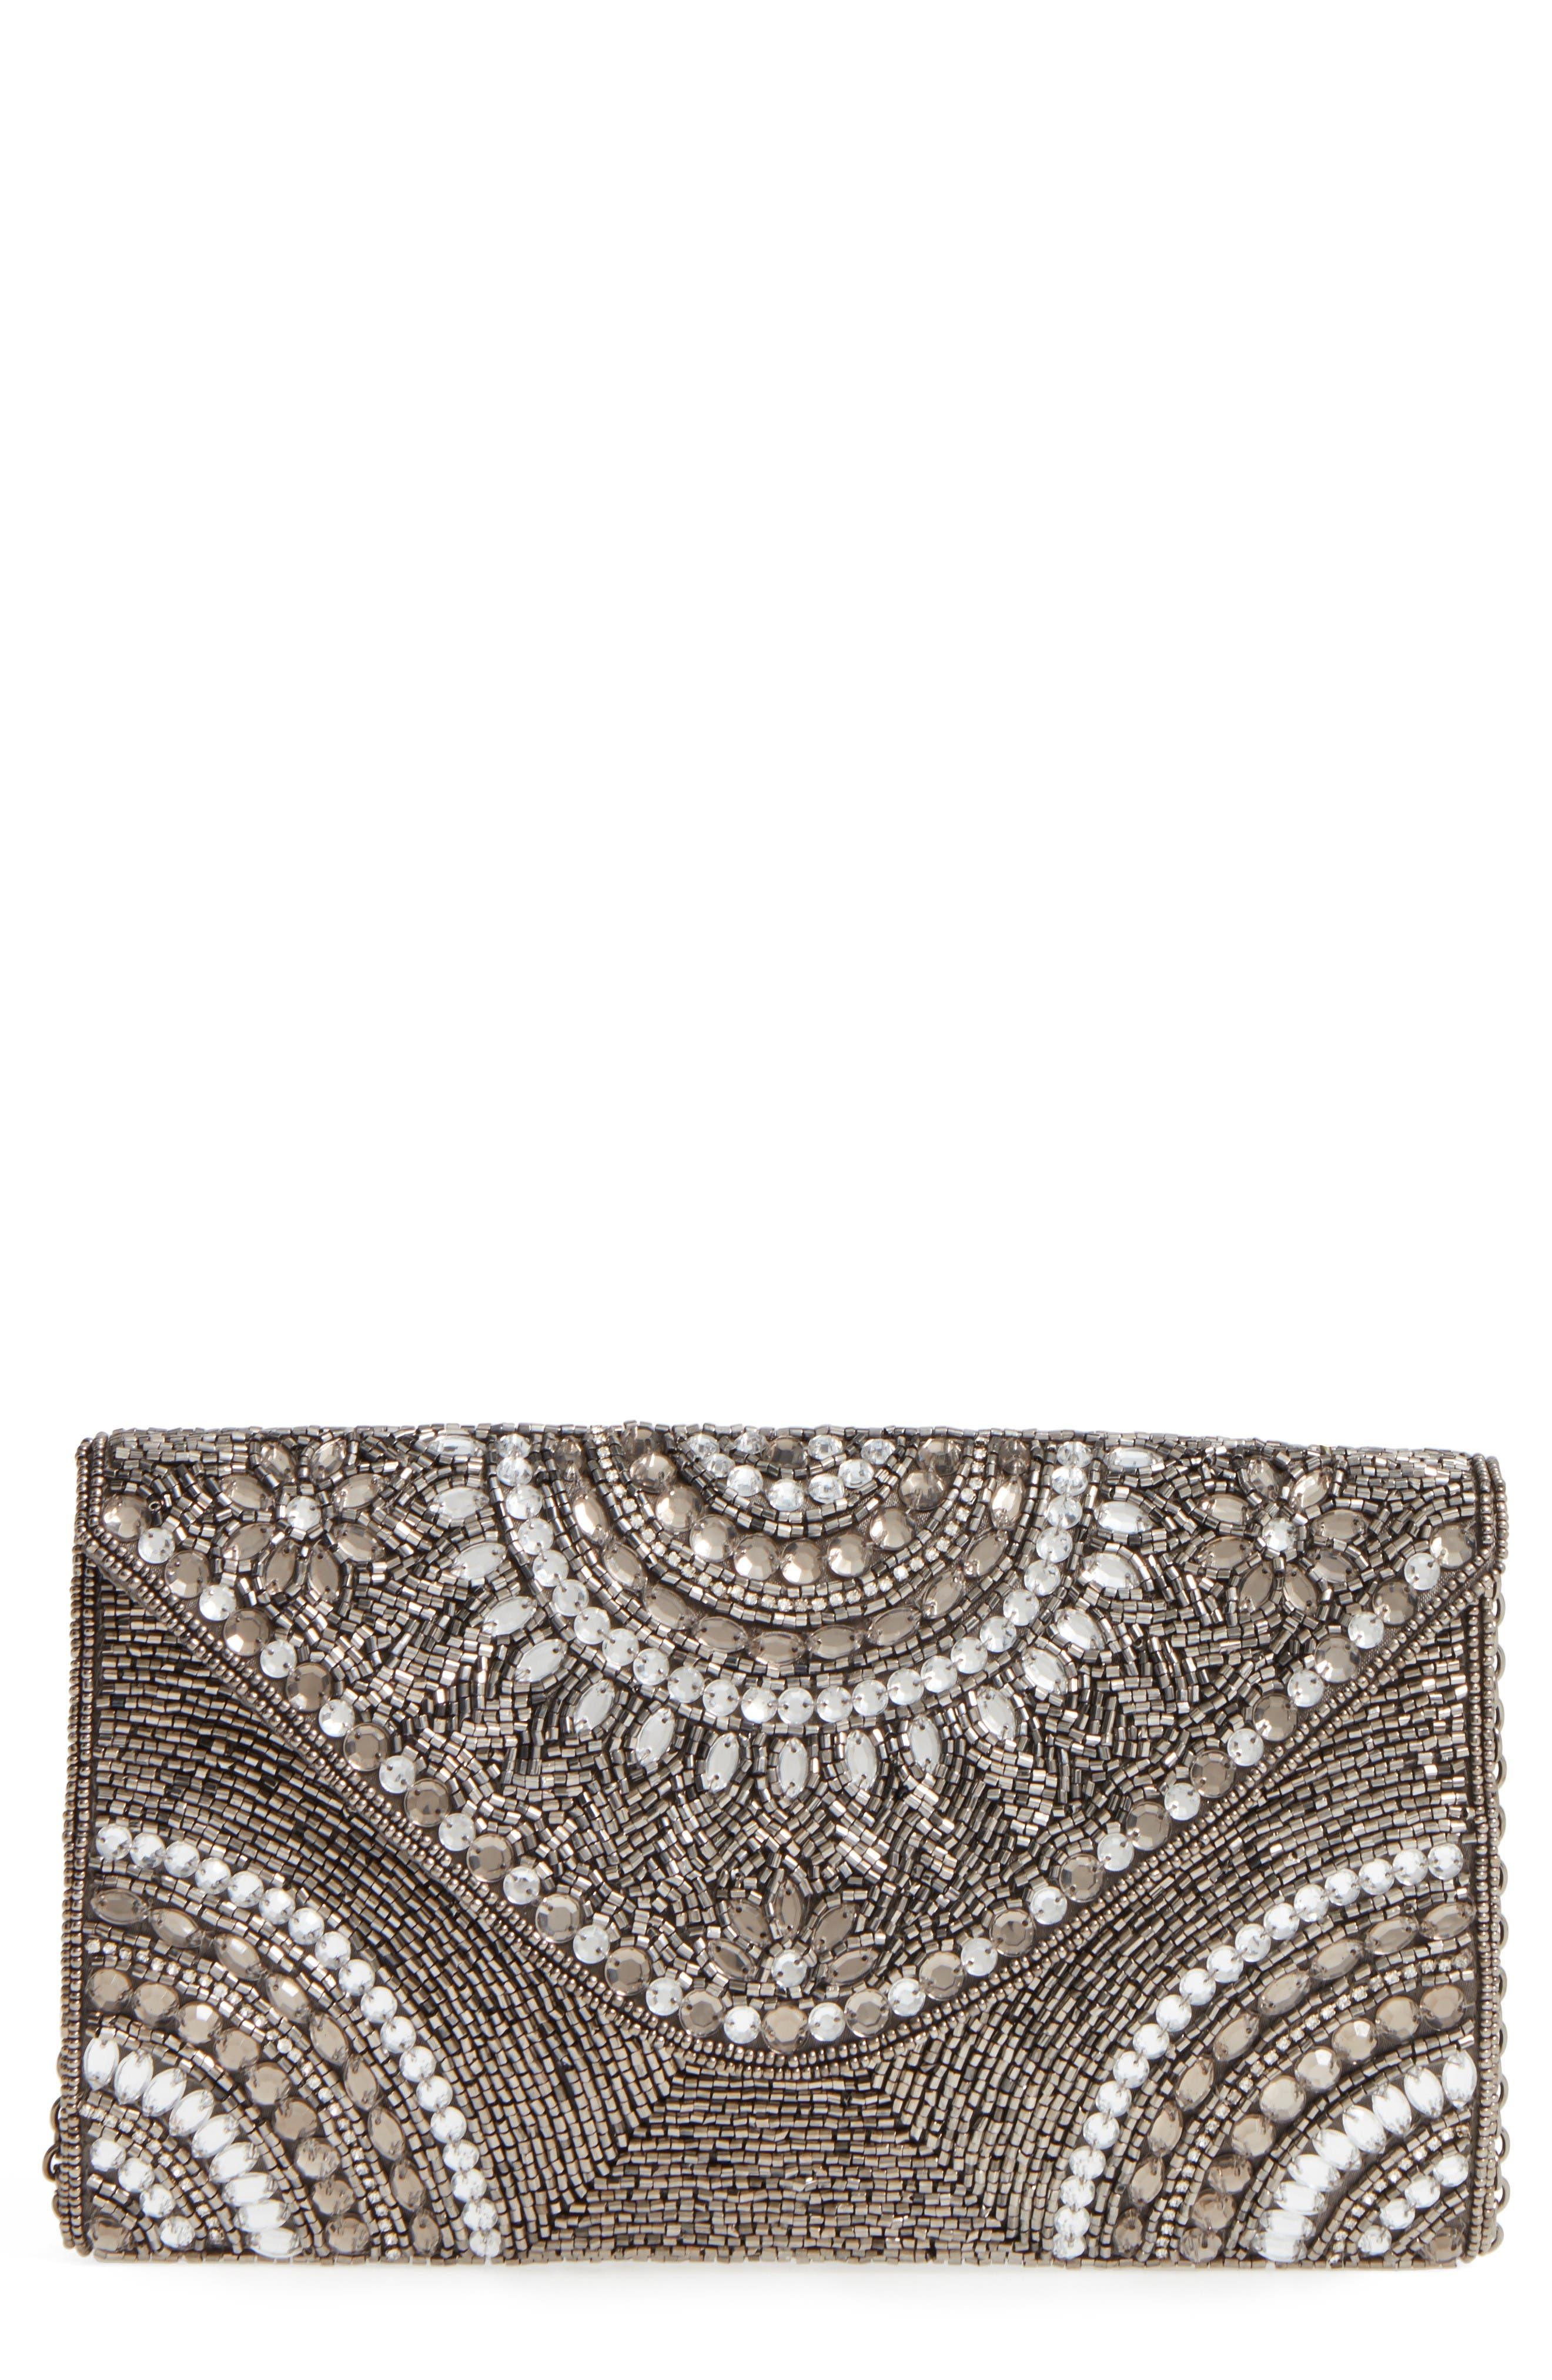 GLINT 'Alhambra' Embellished Envelope Clutch